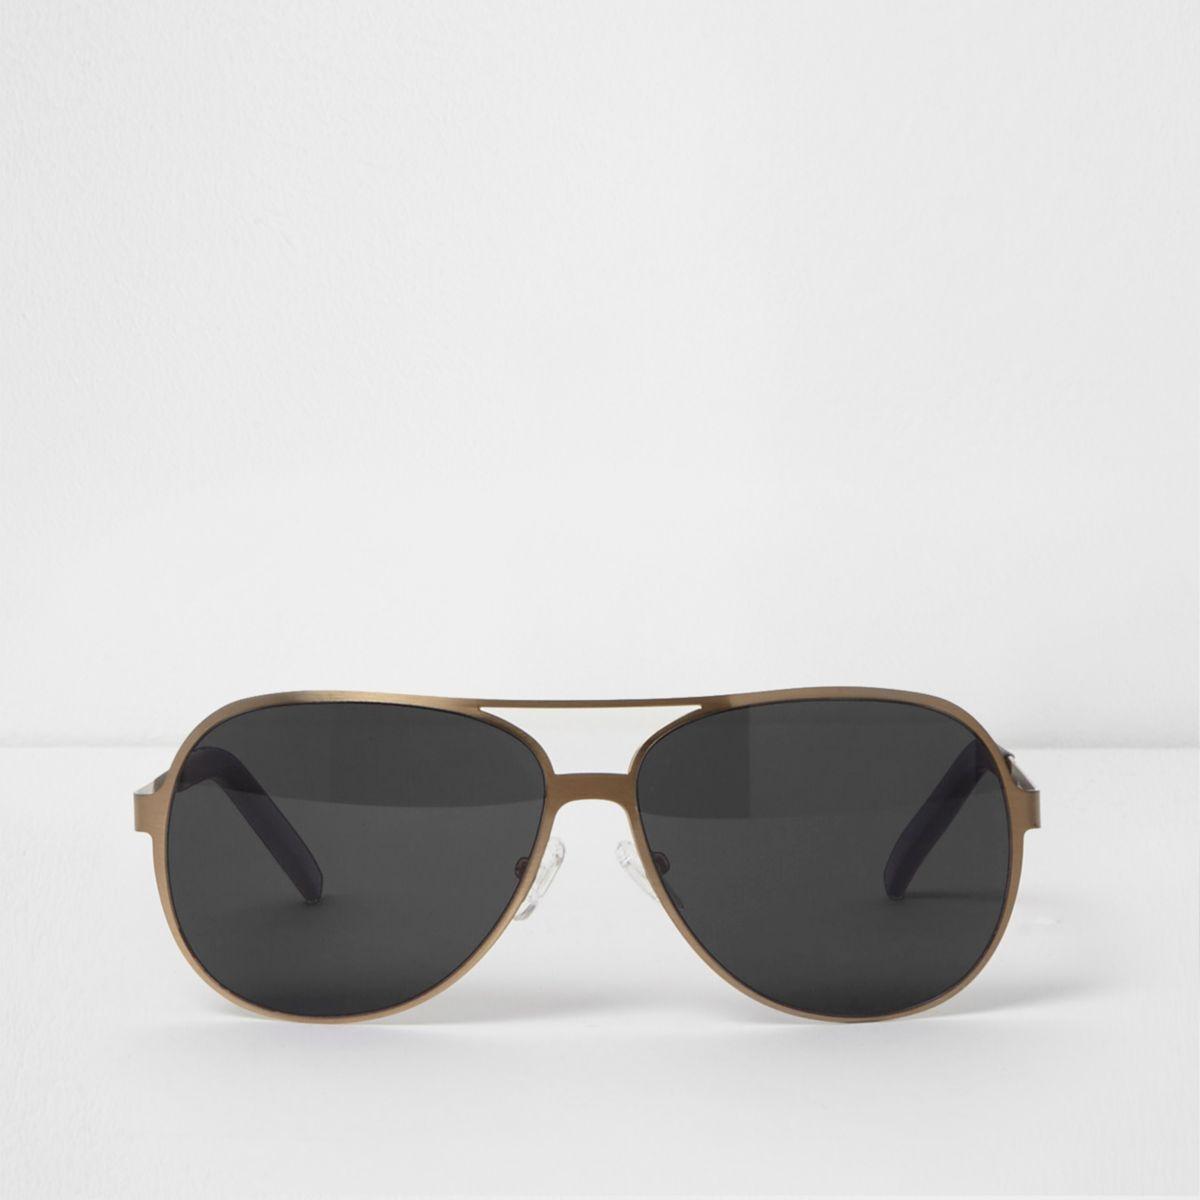 Gold tone smoke lens aviator sunglasses